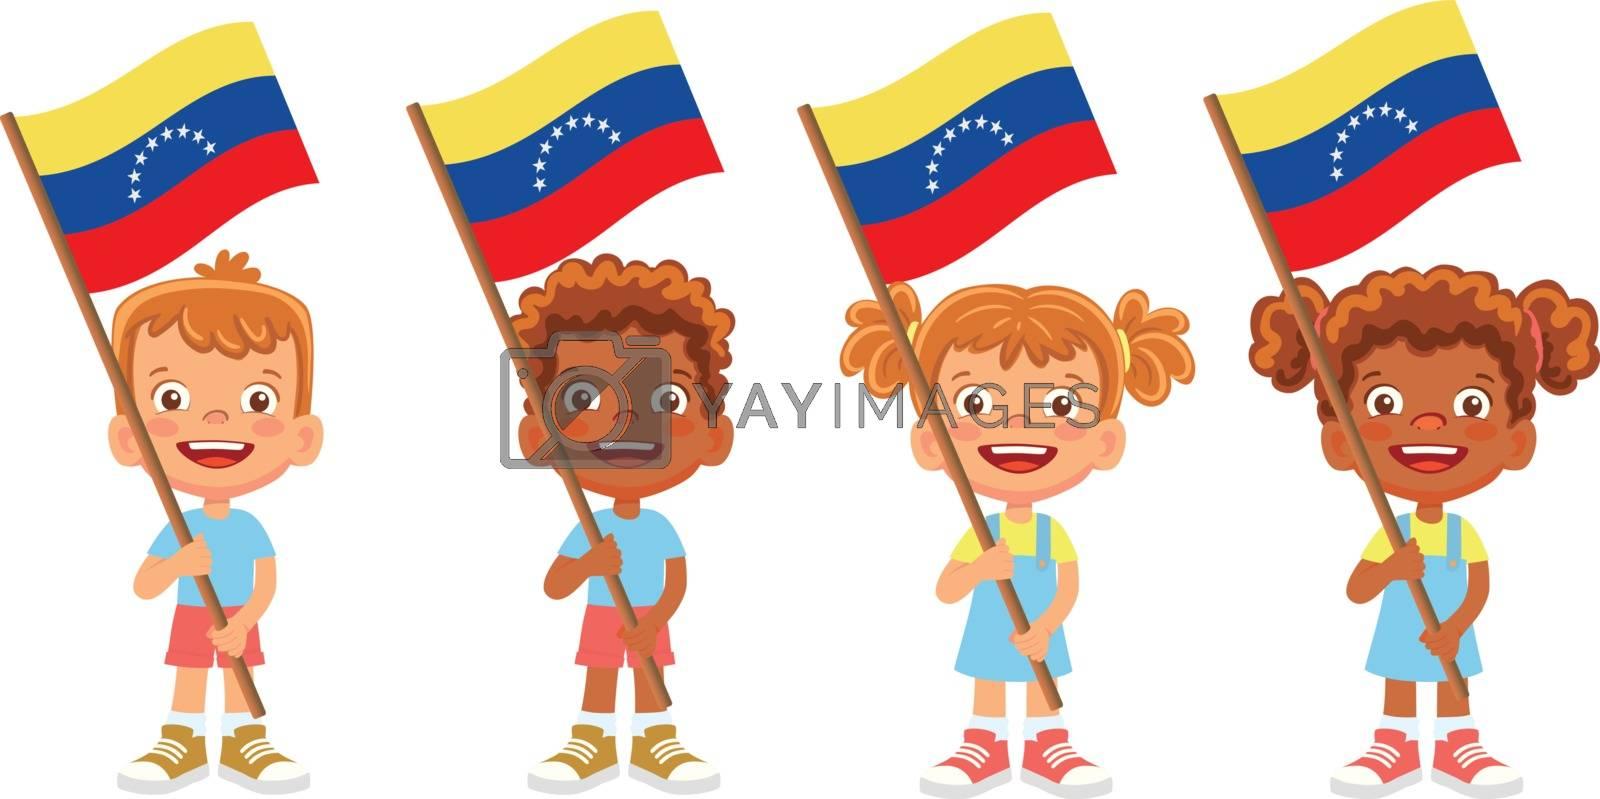 Venezuela flag in hand. Children holding flag. National flag of Venezuela vector